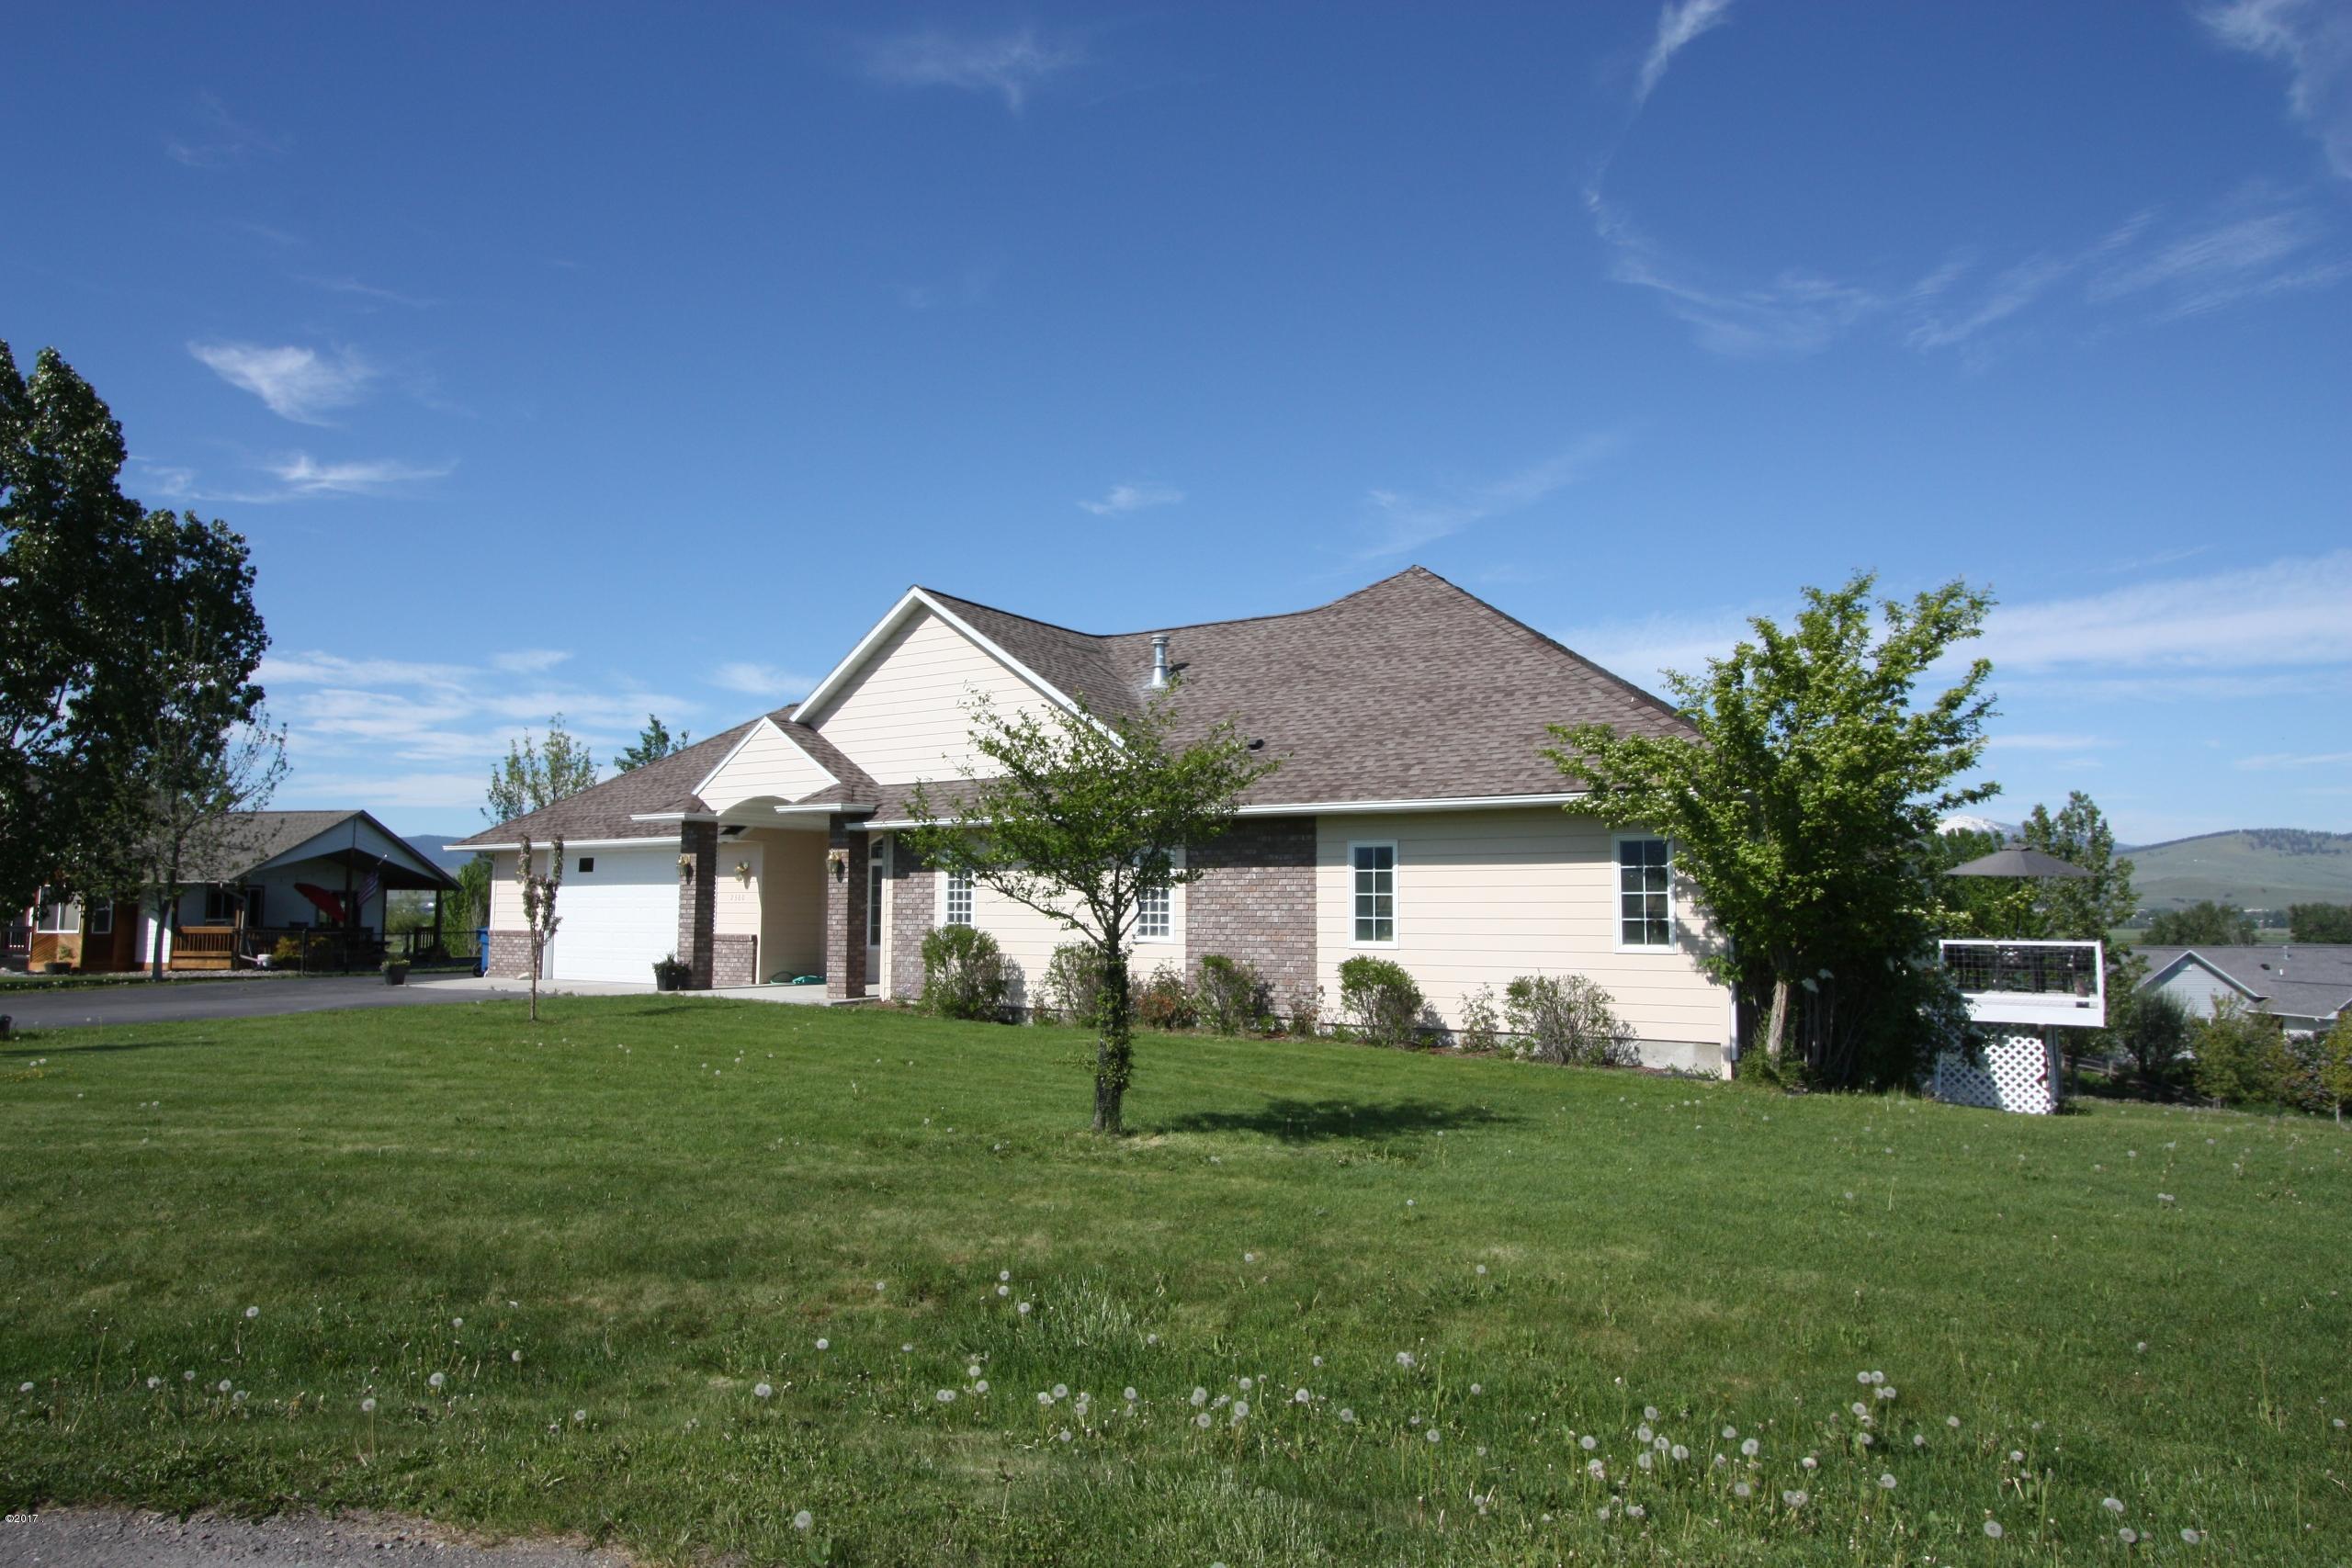 2380 Windsor Court, Missoula, MT 59808